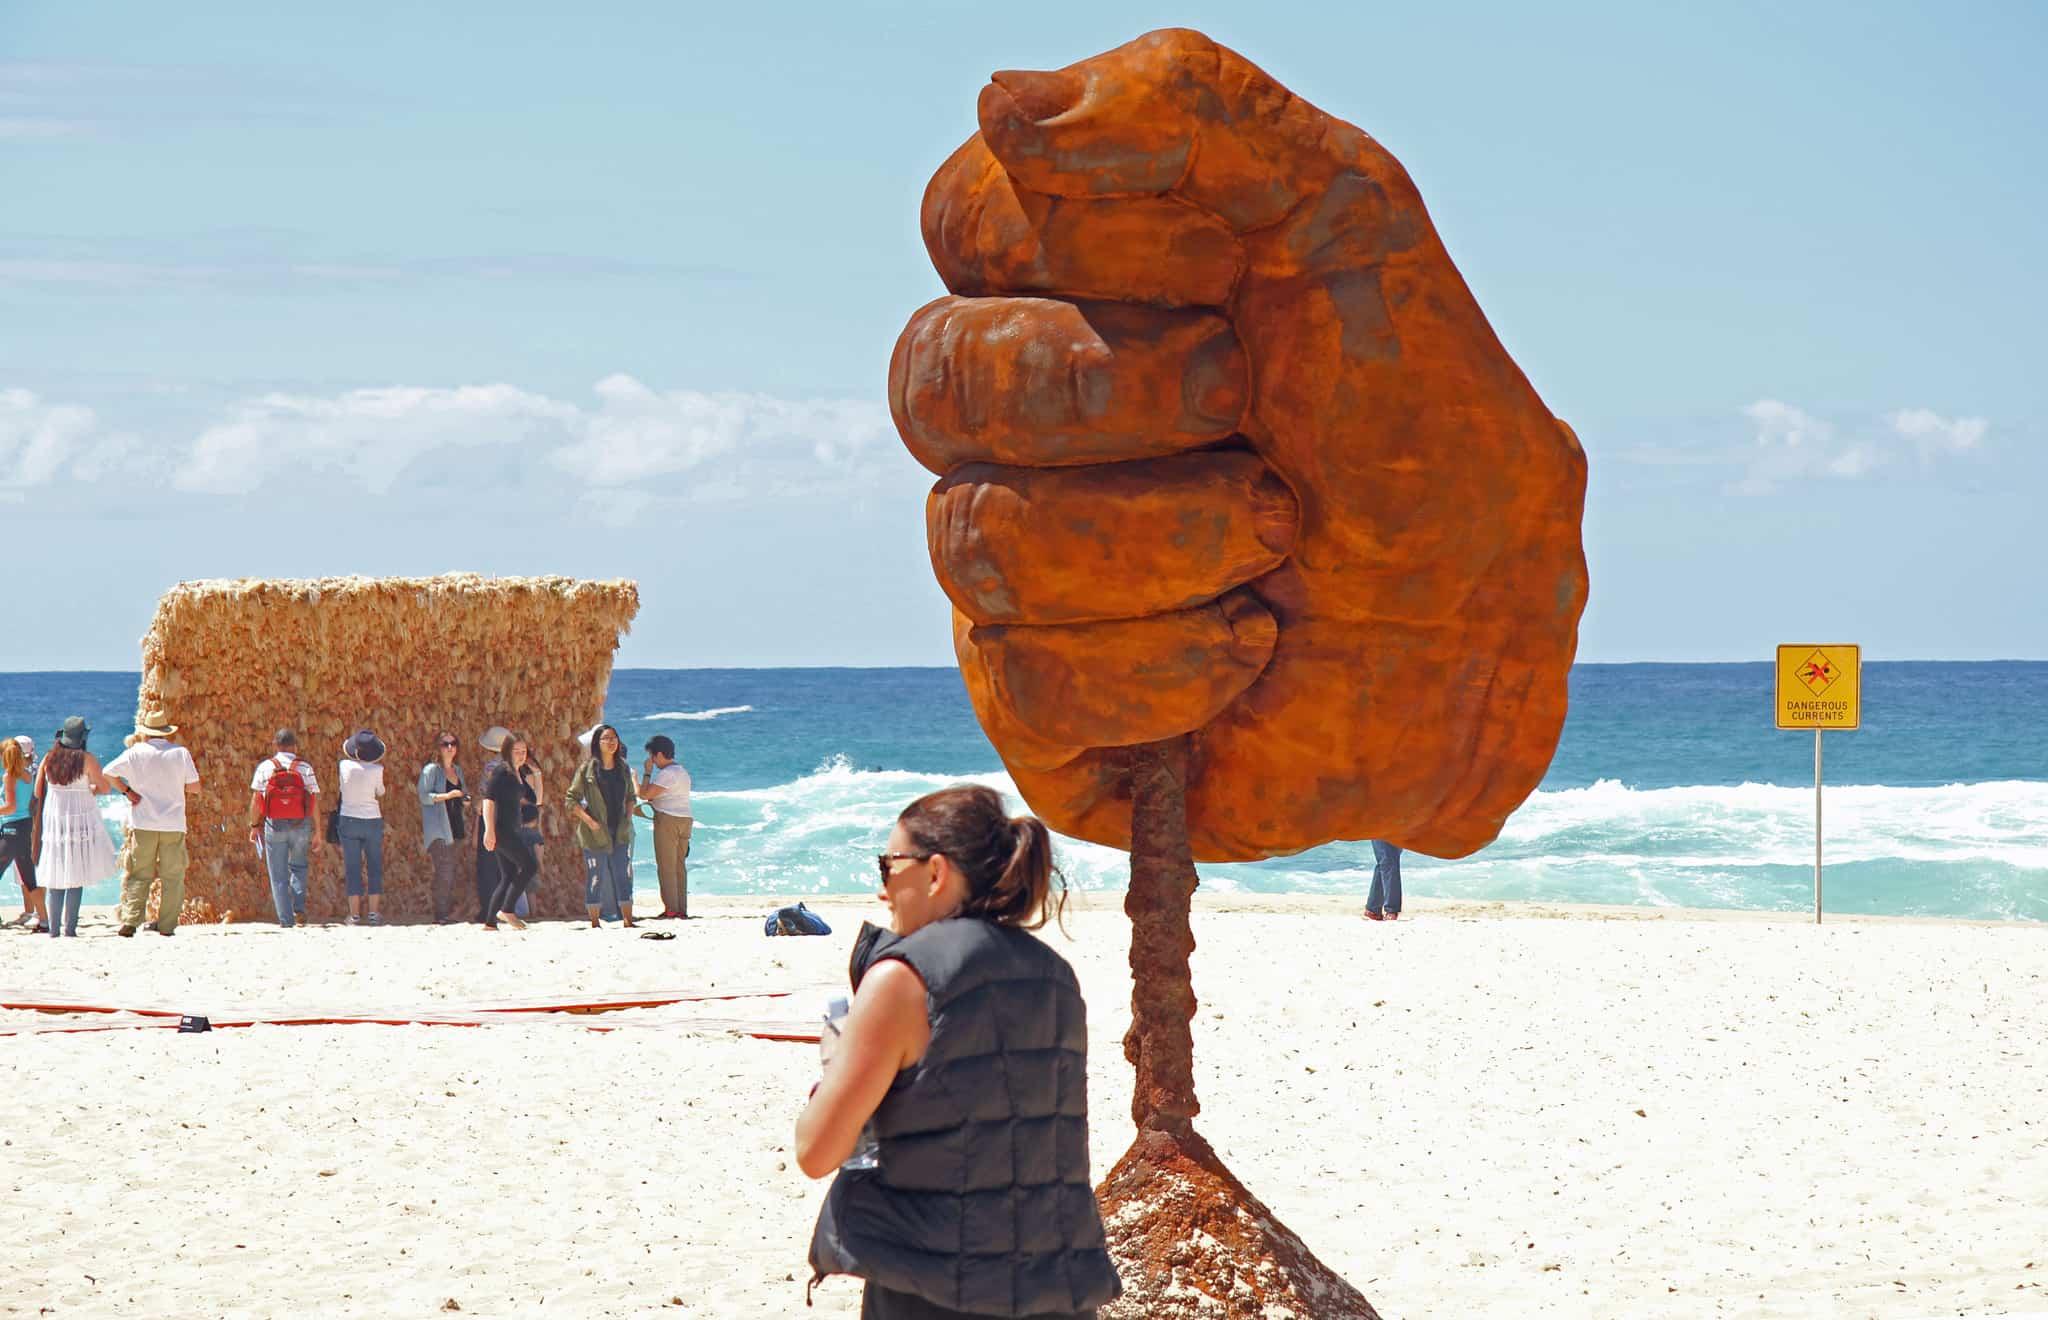 Sculpture by the sea - Que ver en Sydney